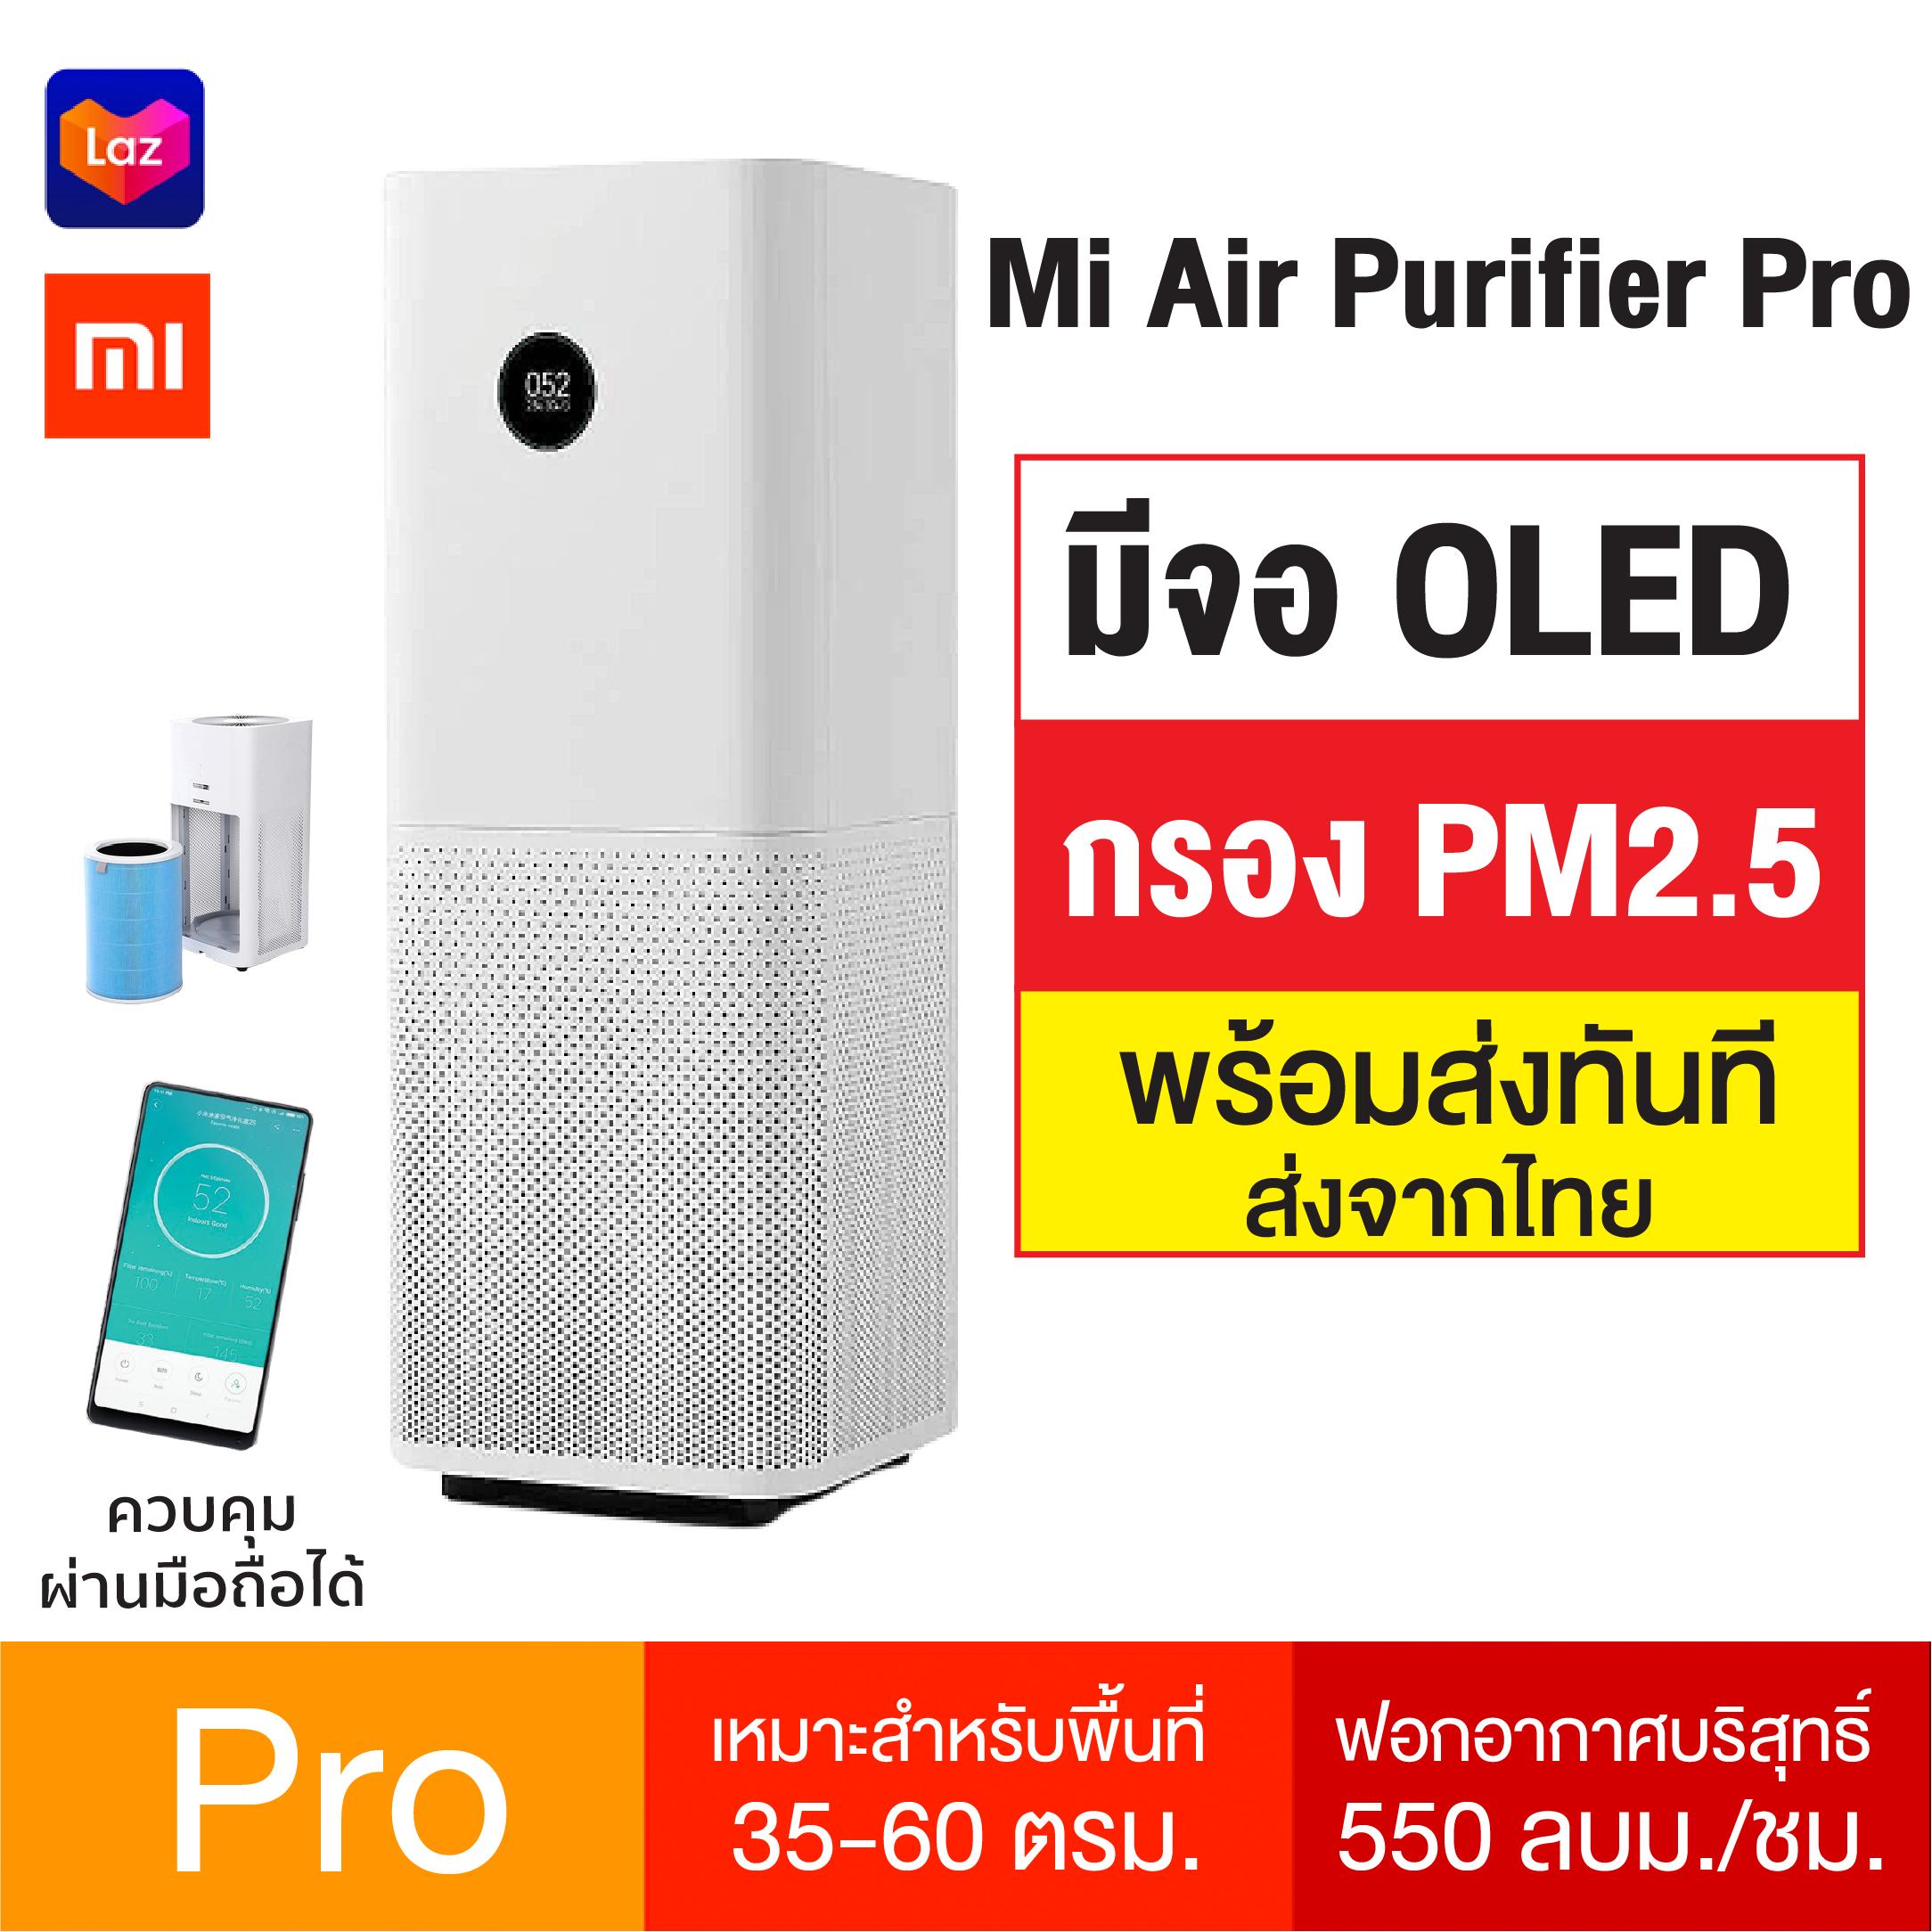 [สินค้า Pre-Order พร้อมจัดส่ง 9 มีนาคม] Xiaomi Mi Air Purifier Pro เครื่องฟอกอากาศในบ้าน กรองฝุ่น Pm2.5 พื้นที่ 35-60 ตร.ม. ส่งเร็ว 1 วัน ประกัน 1 ปี Mi Store Thailand ของแท้100% เครื่องฟอกpm2.5.